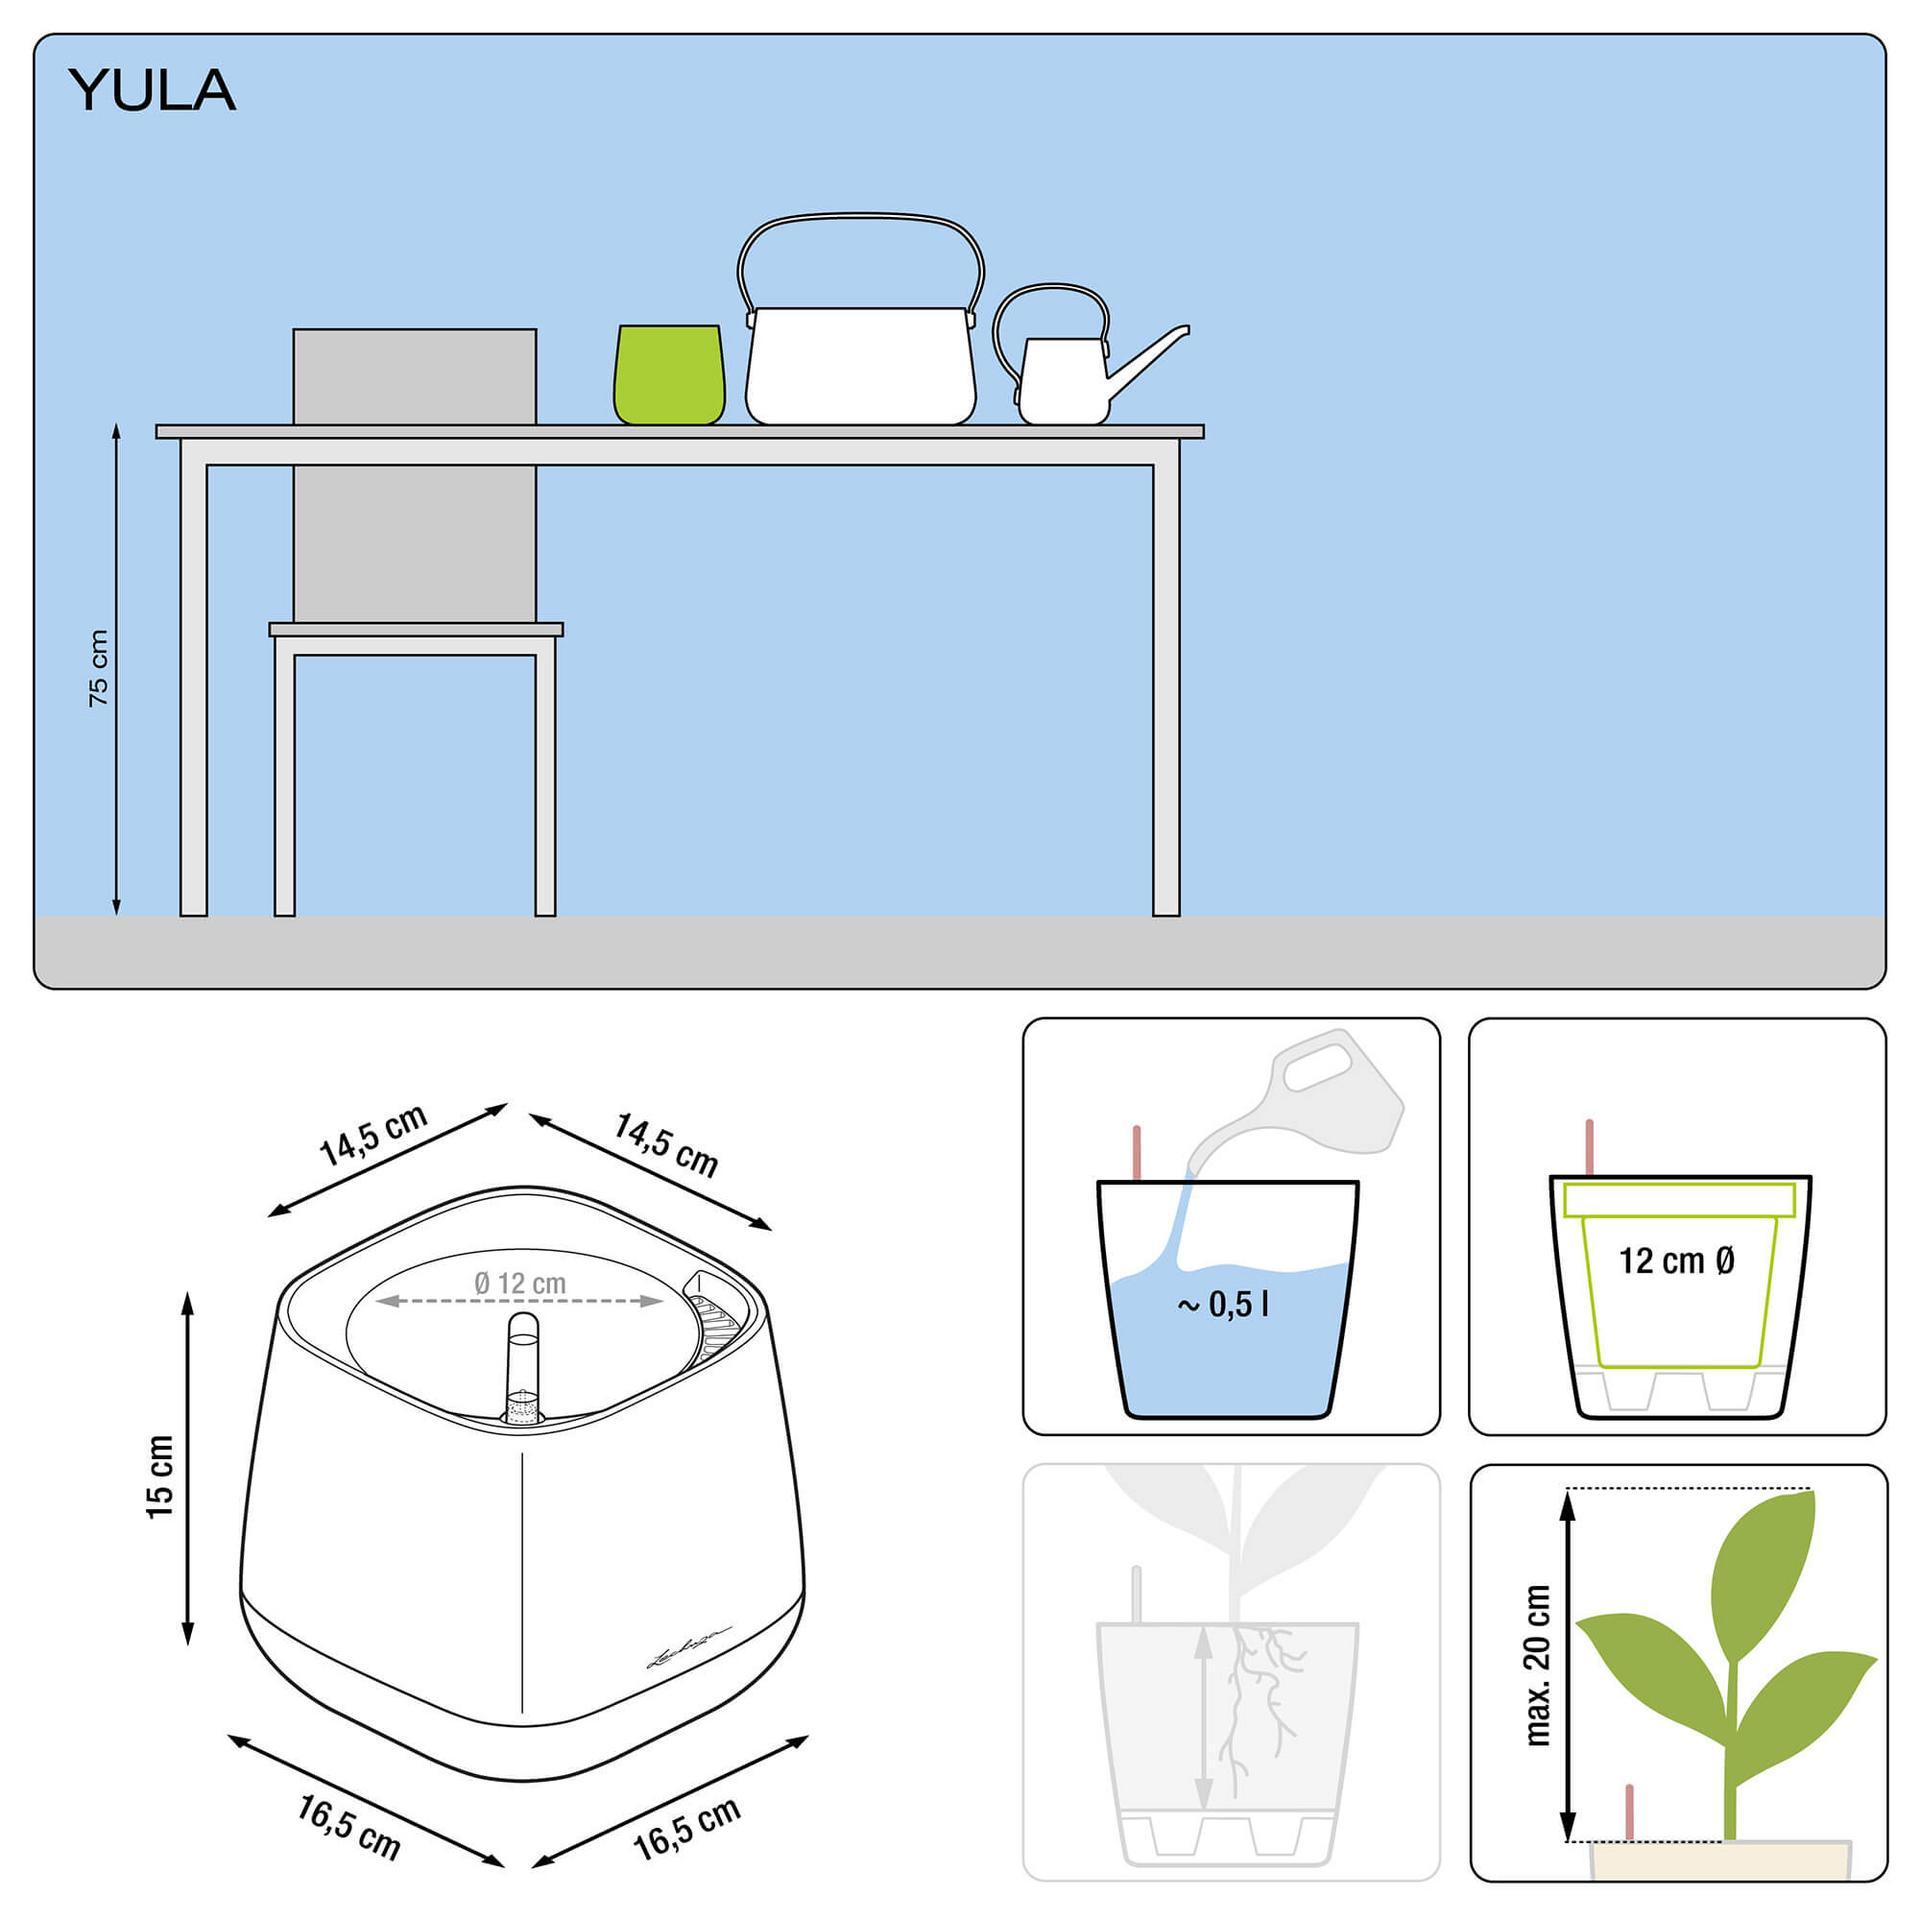 le_yula-pflanzgefaess_product_addi_nz